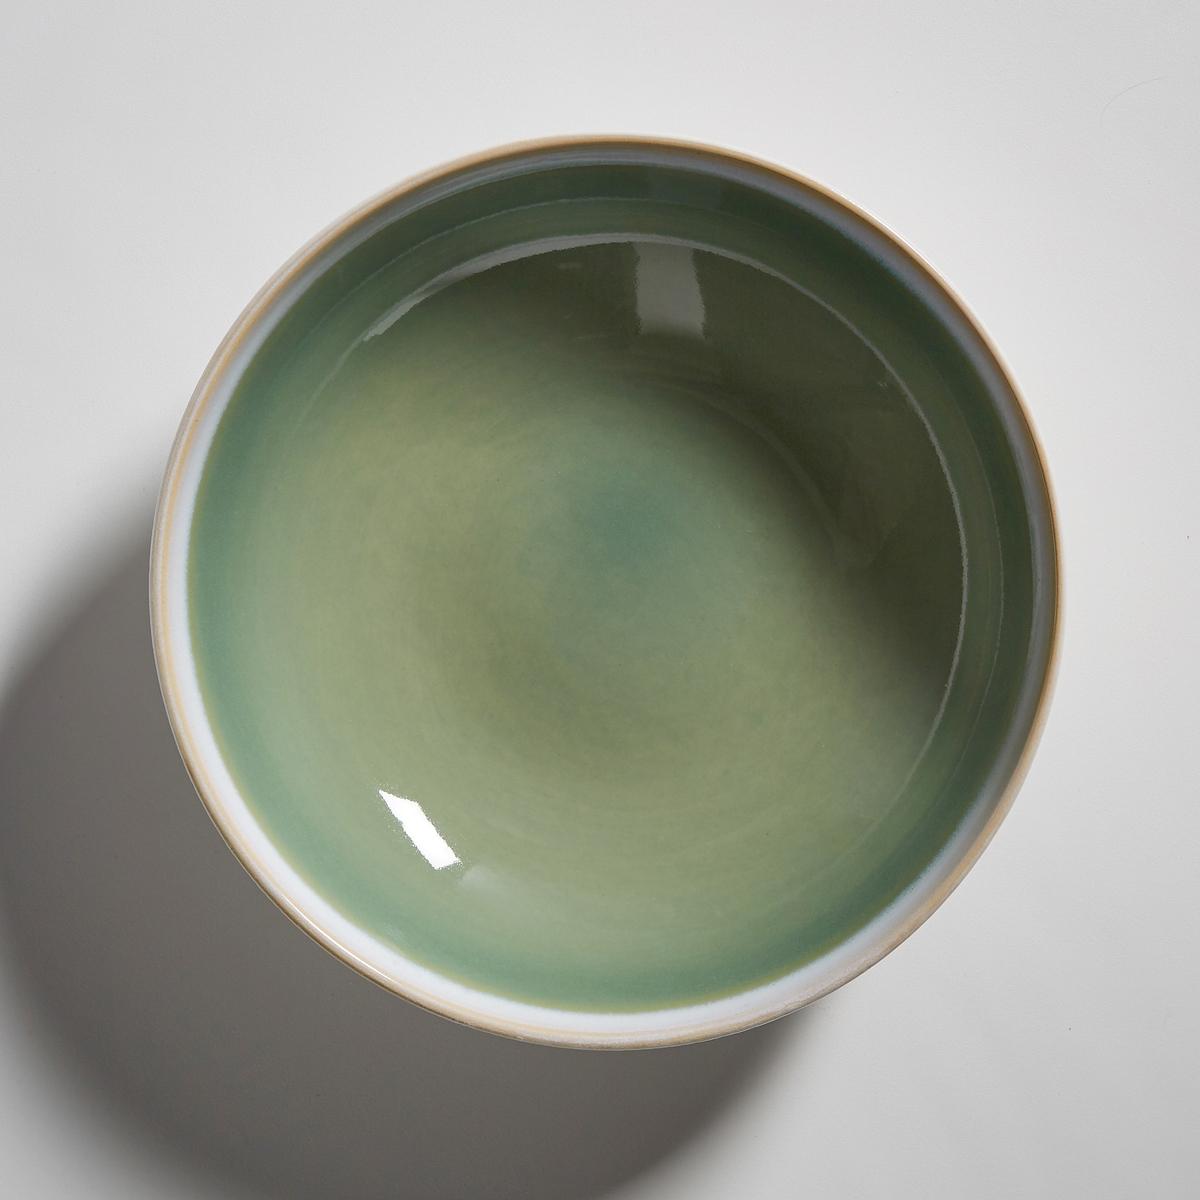 4 тарелки глубокие из керамики, D?onieХарактеристики 4 глубоких тарелок D?onie :- Глубокие тарелки из керамики- Диаметр : 17,8 см    - Можно использовать в микроволновой печи и мыть в посудомоечной машине- Продаются в комплекте из 4 штукНайдите комплект посуды D?onie на нашем сайте .<br><br>Цвет: зеленая мята,синий<br>Размер: единый размер